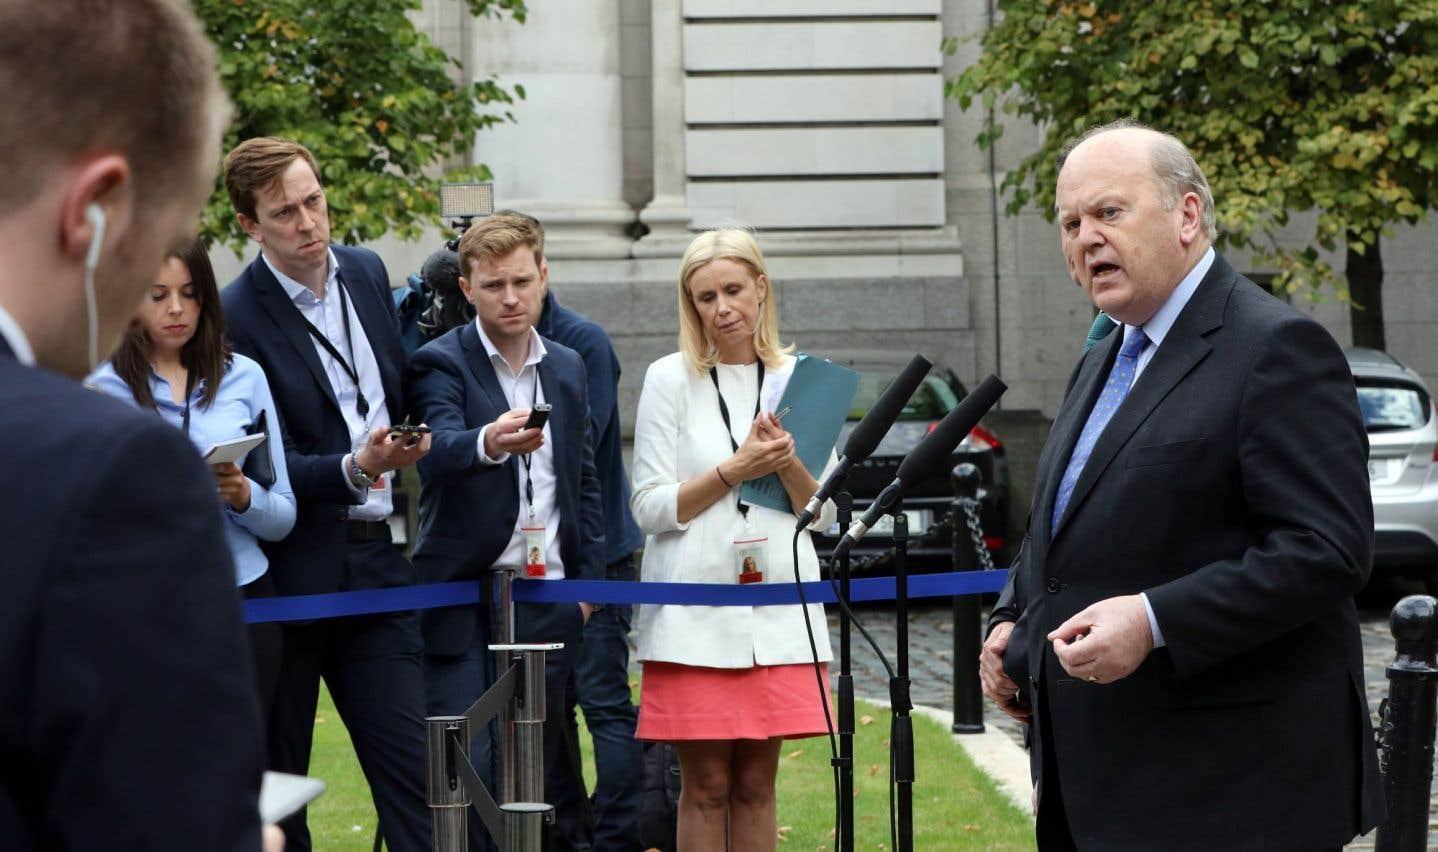 Dublin décide de faire appel dans le dossier Apple